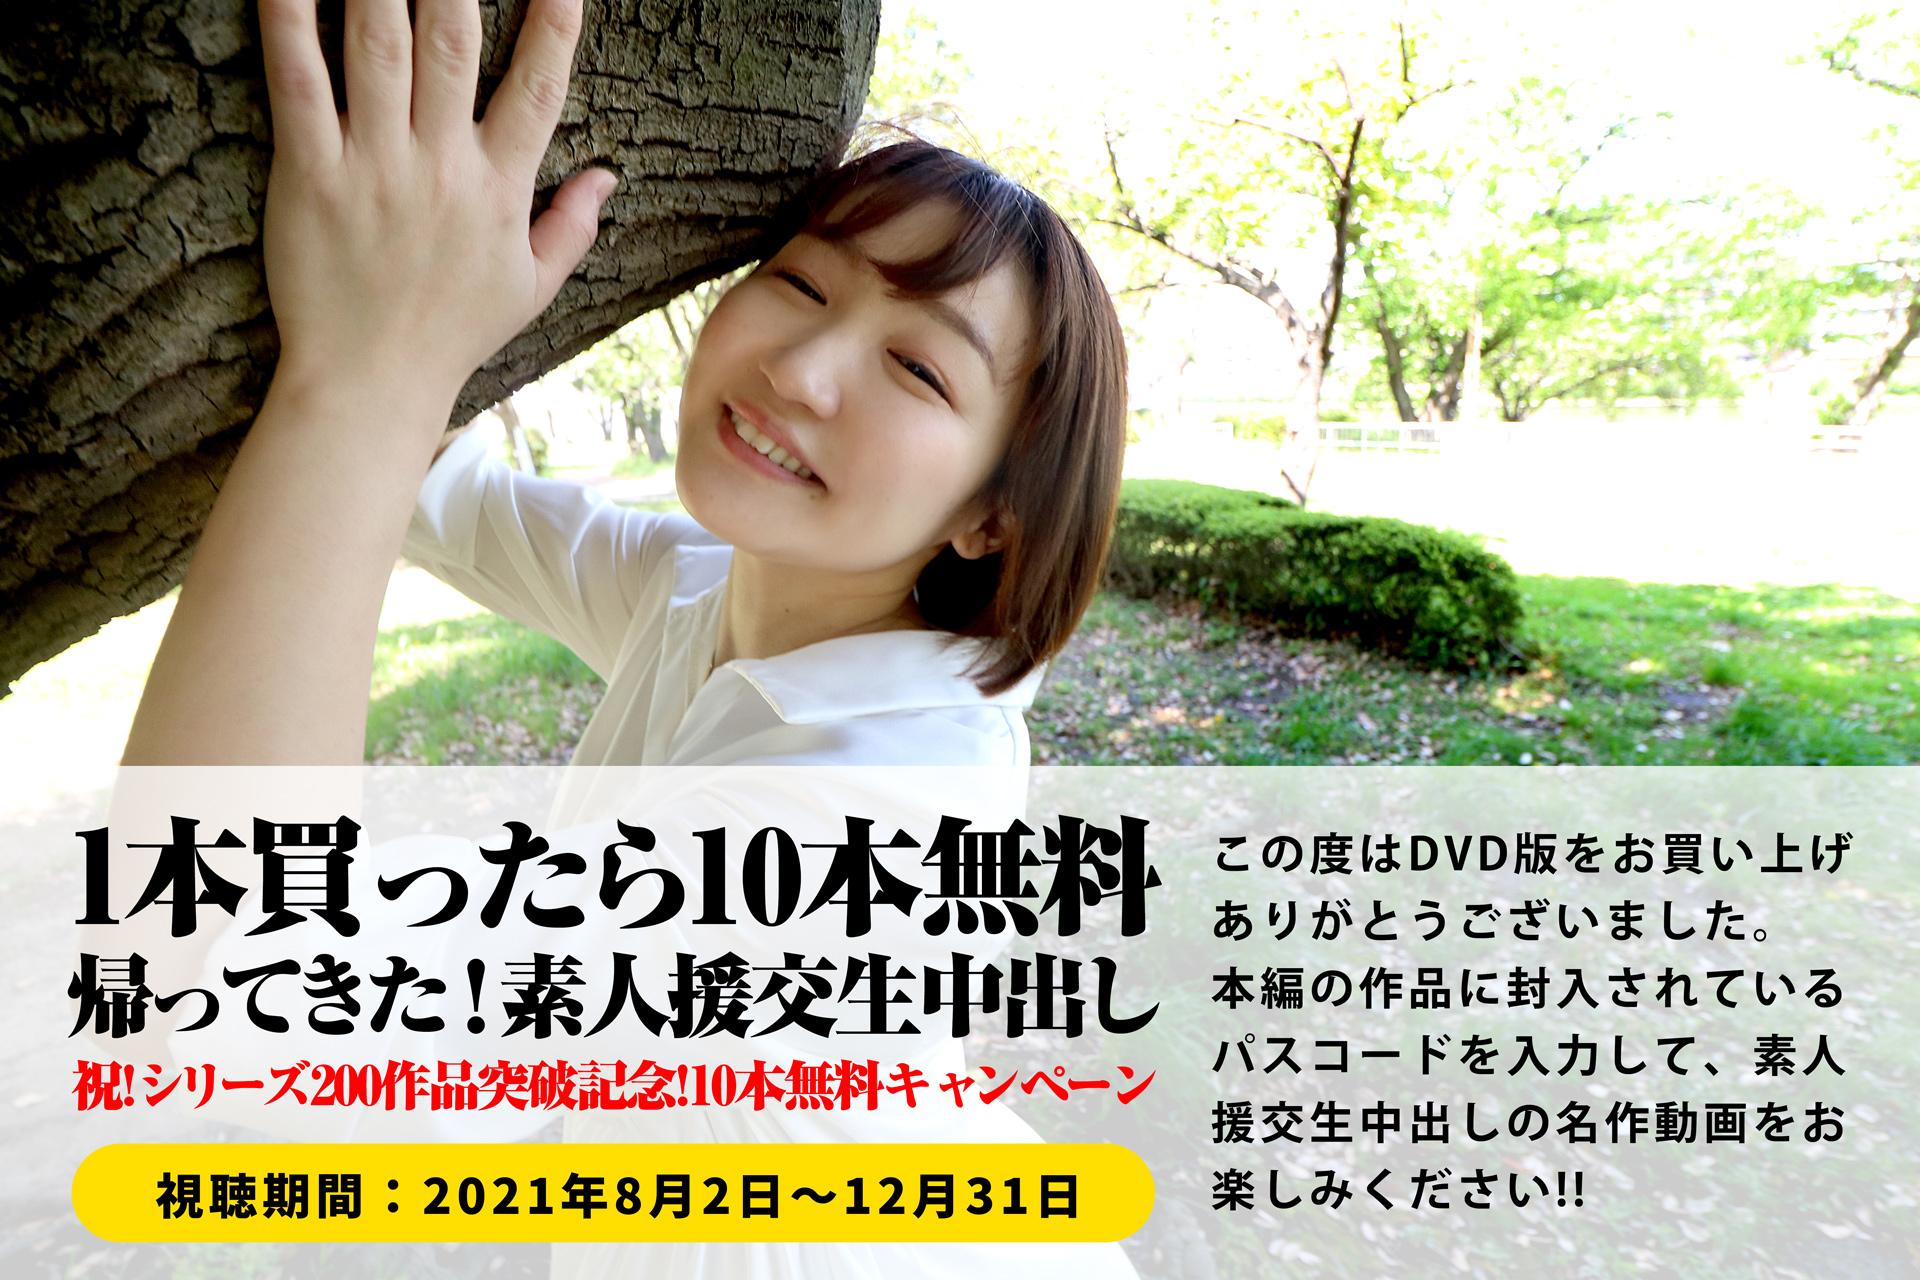 祝!シリーズ200作品突破記念!10本無料キャンペーン